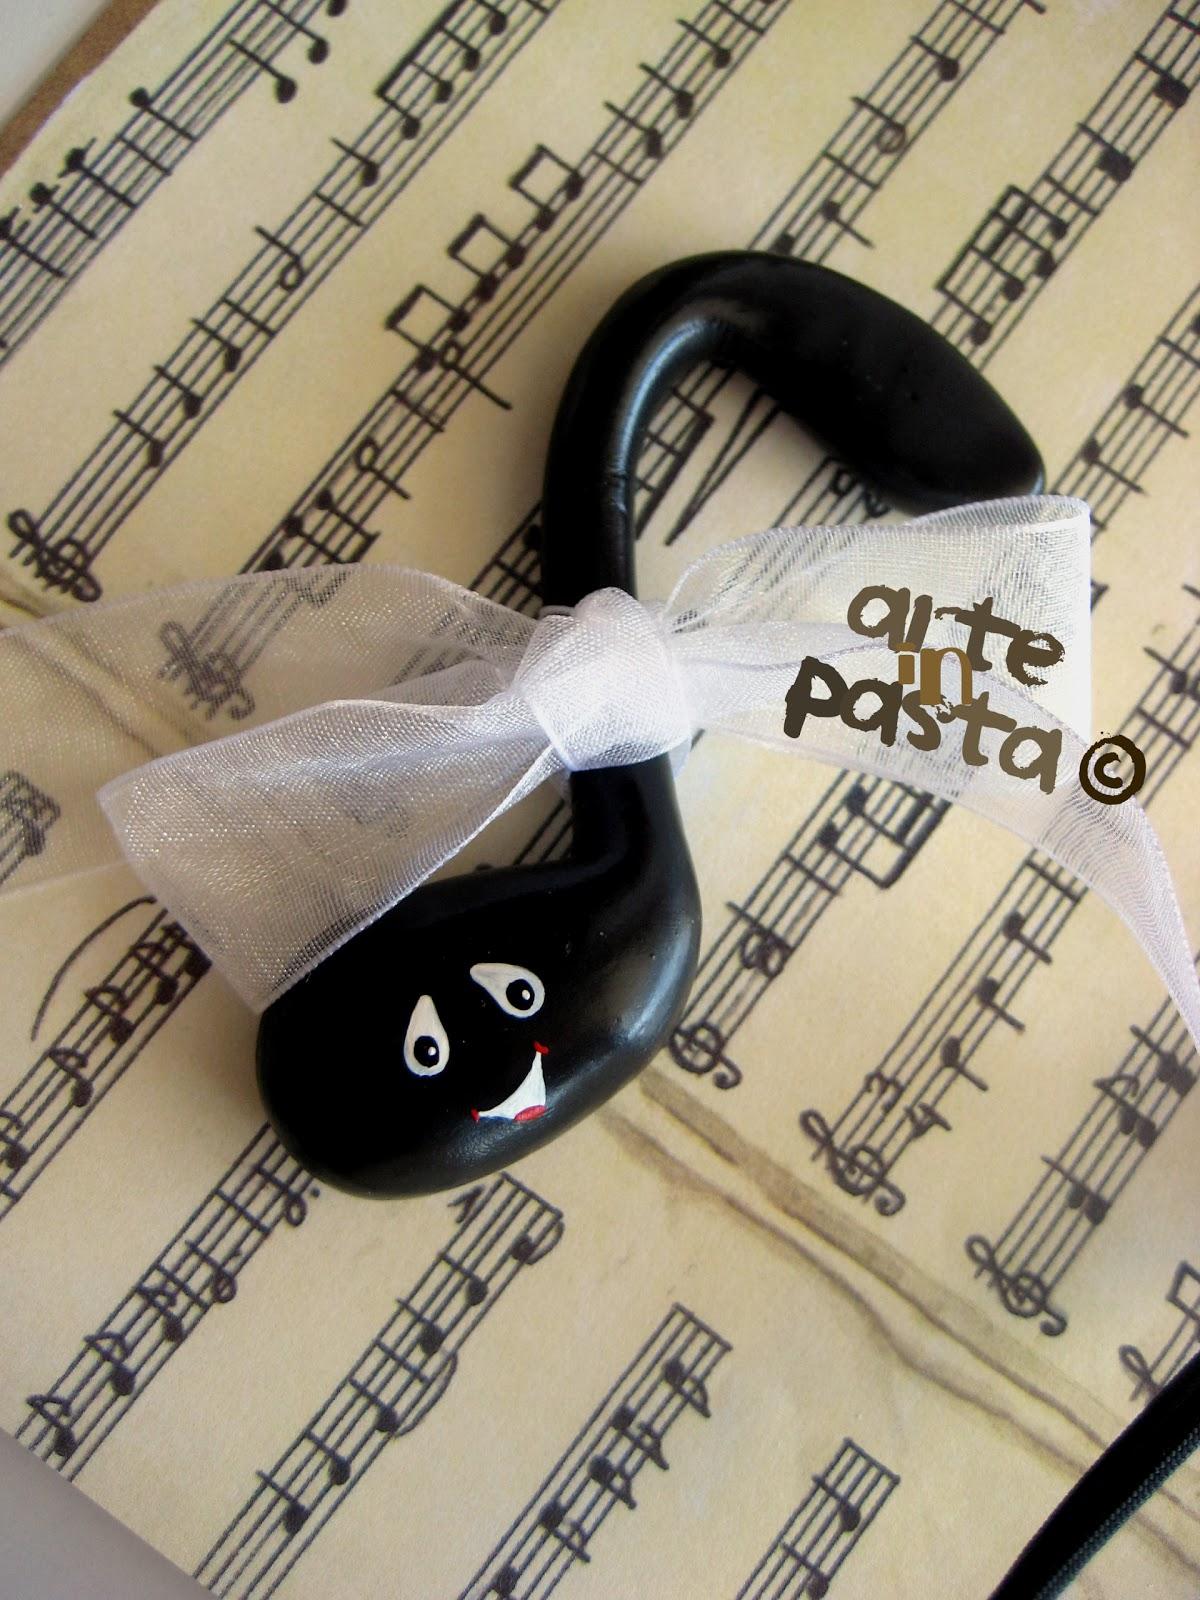 Matrimonio Tema Musica : Arteinpasta originali segnaposto per un matrimonio in